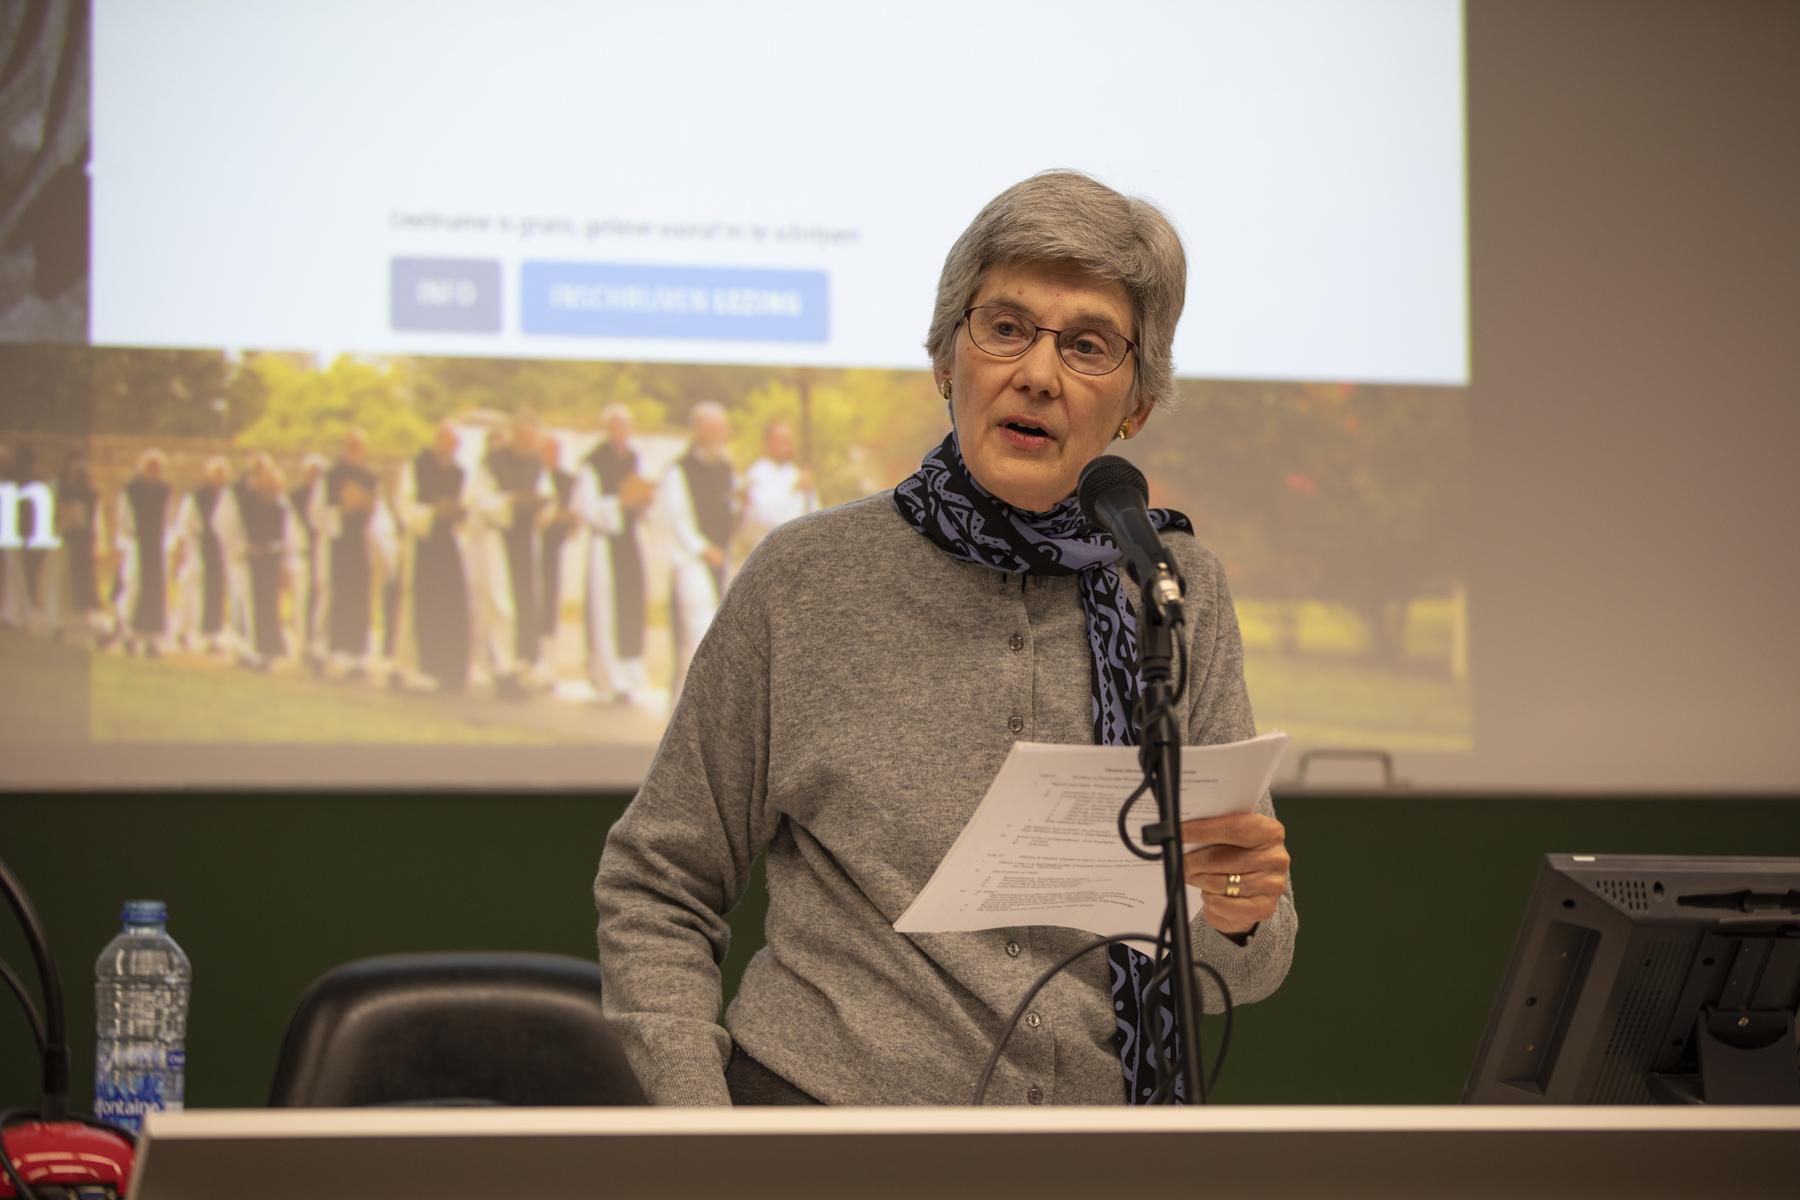 Bonnie Thurston © Frederik Hulstaert, UCSIA